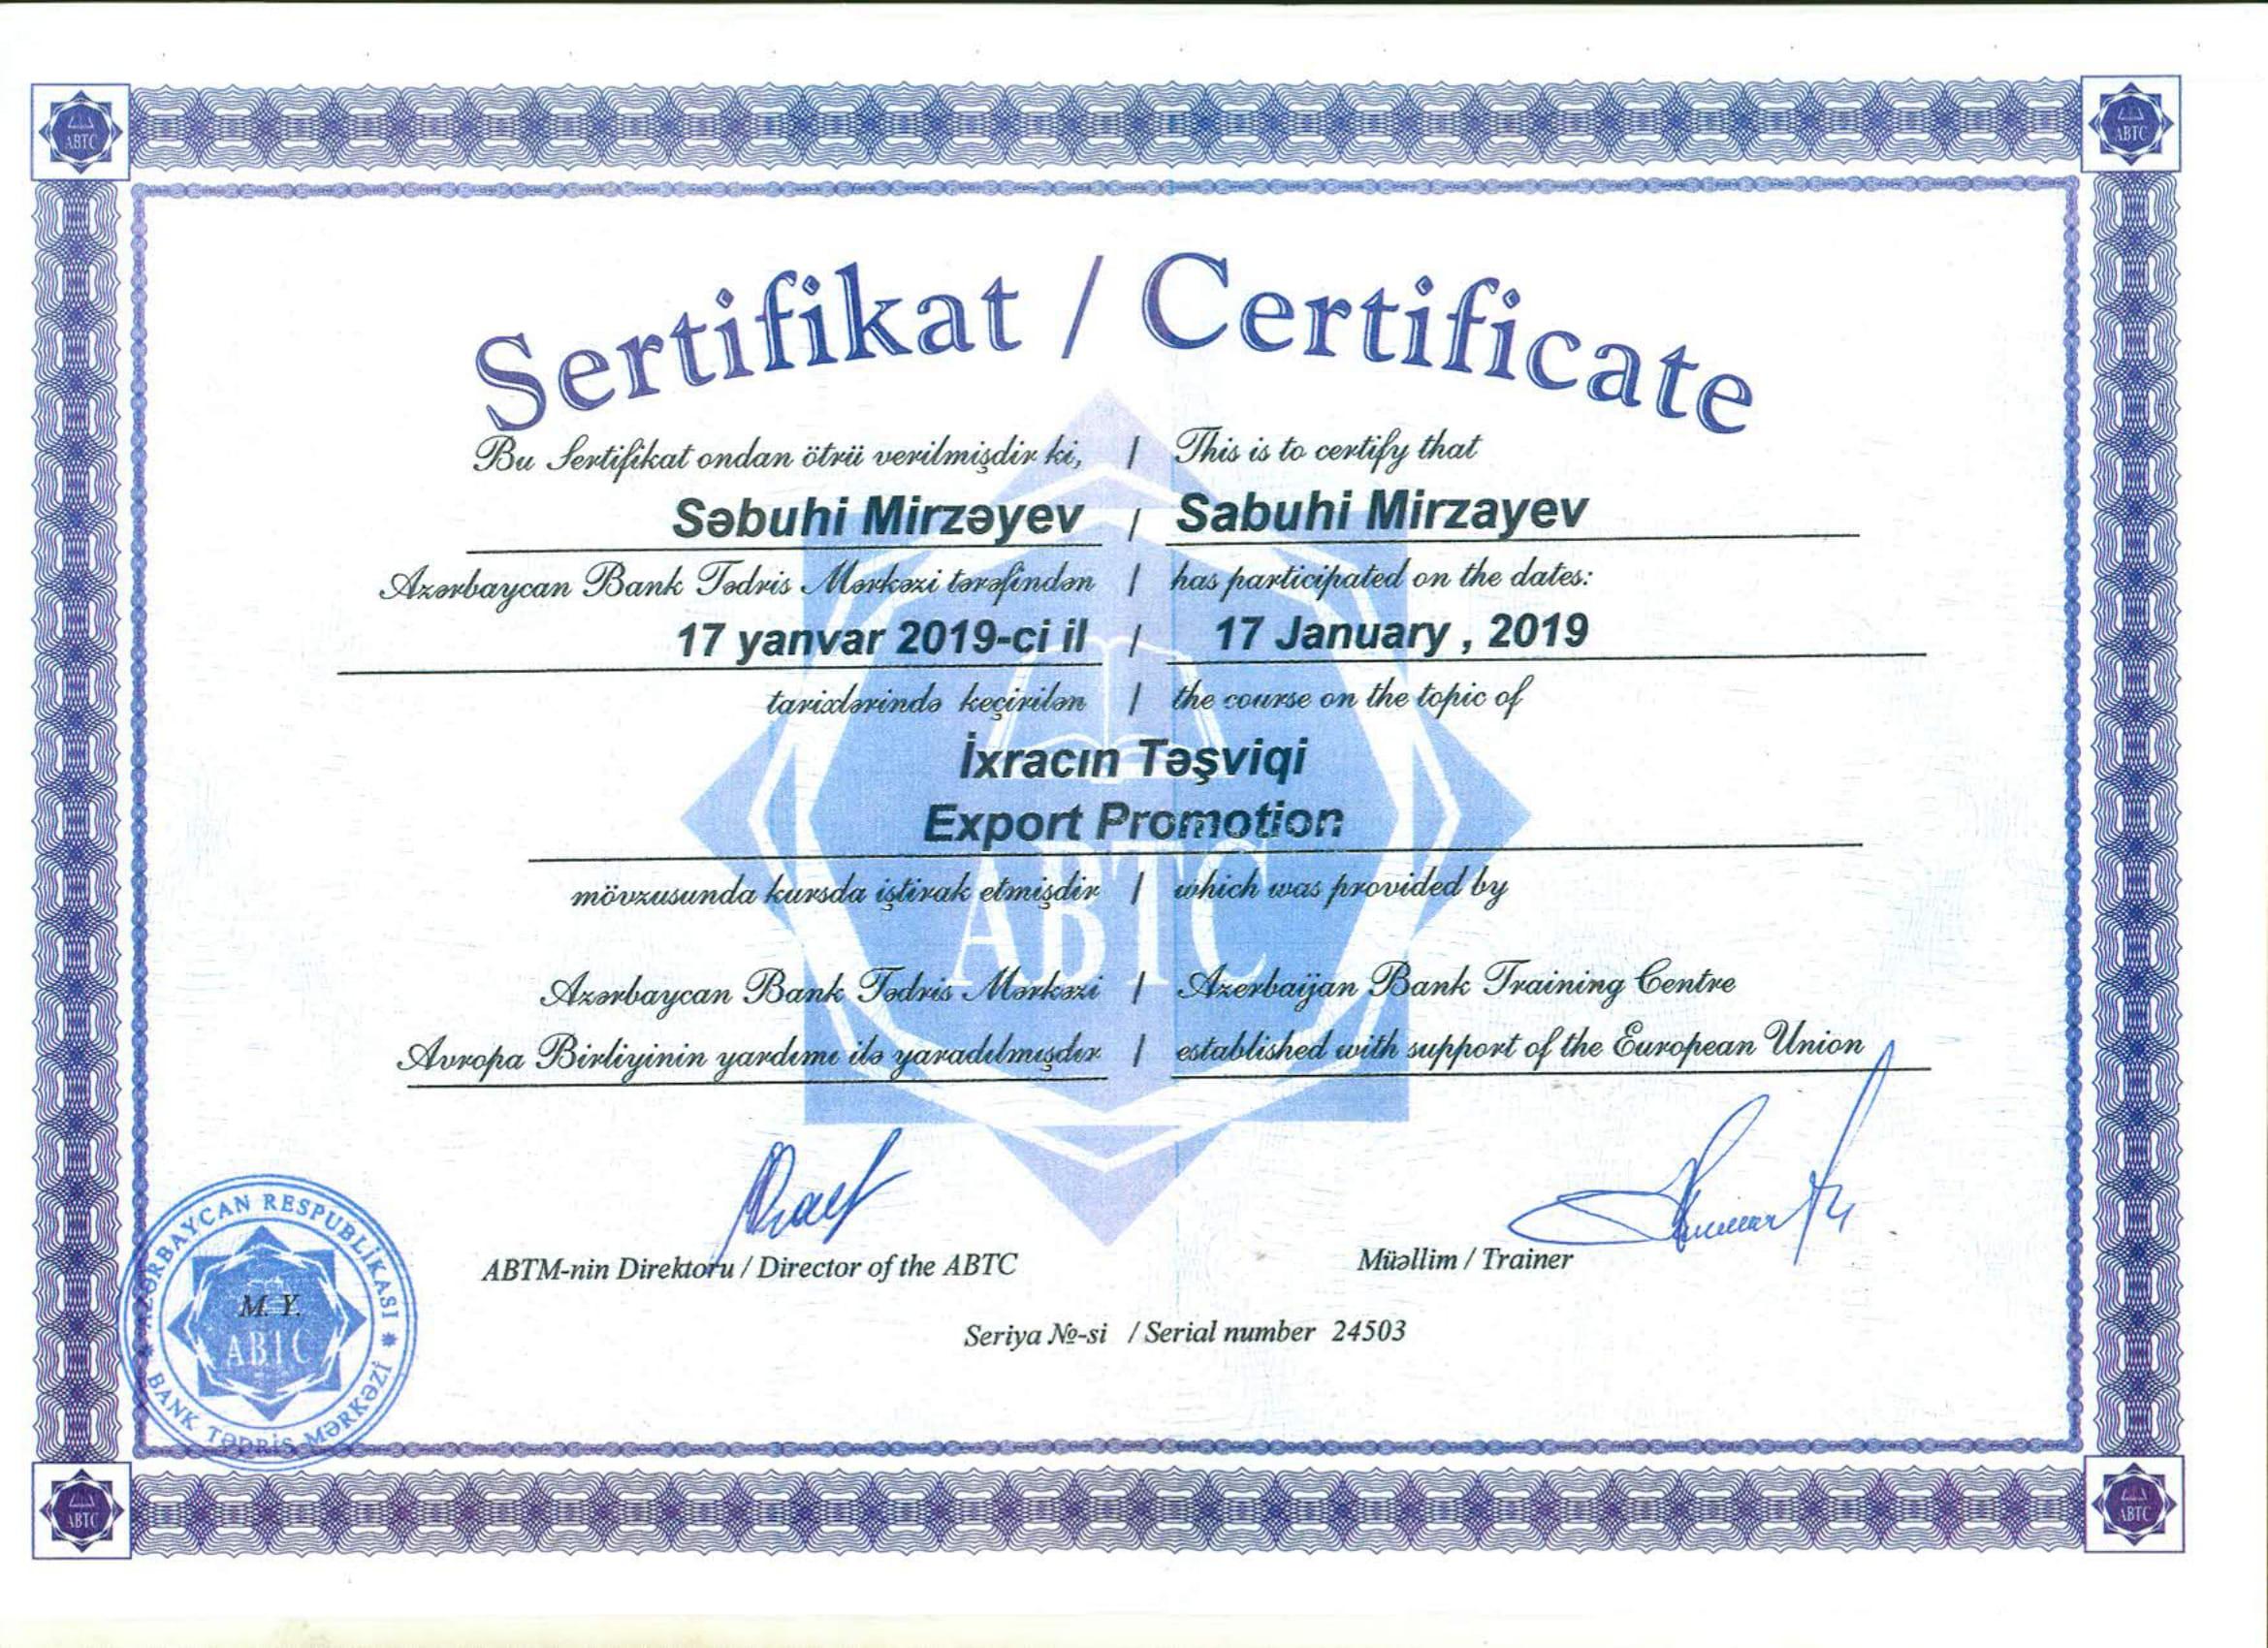 Sebuhi Mirzəyev